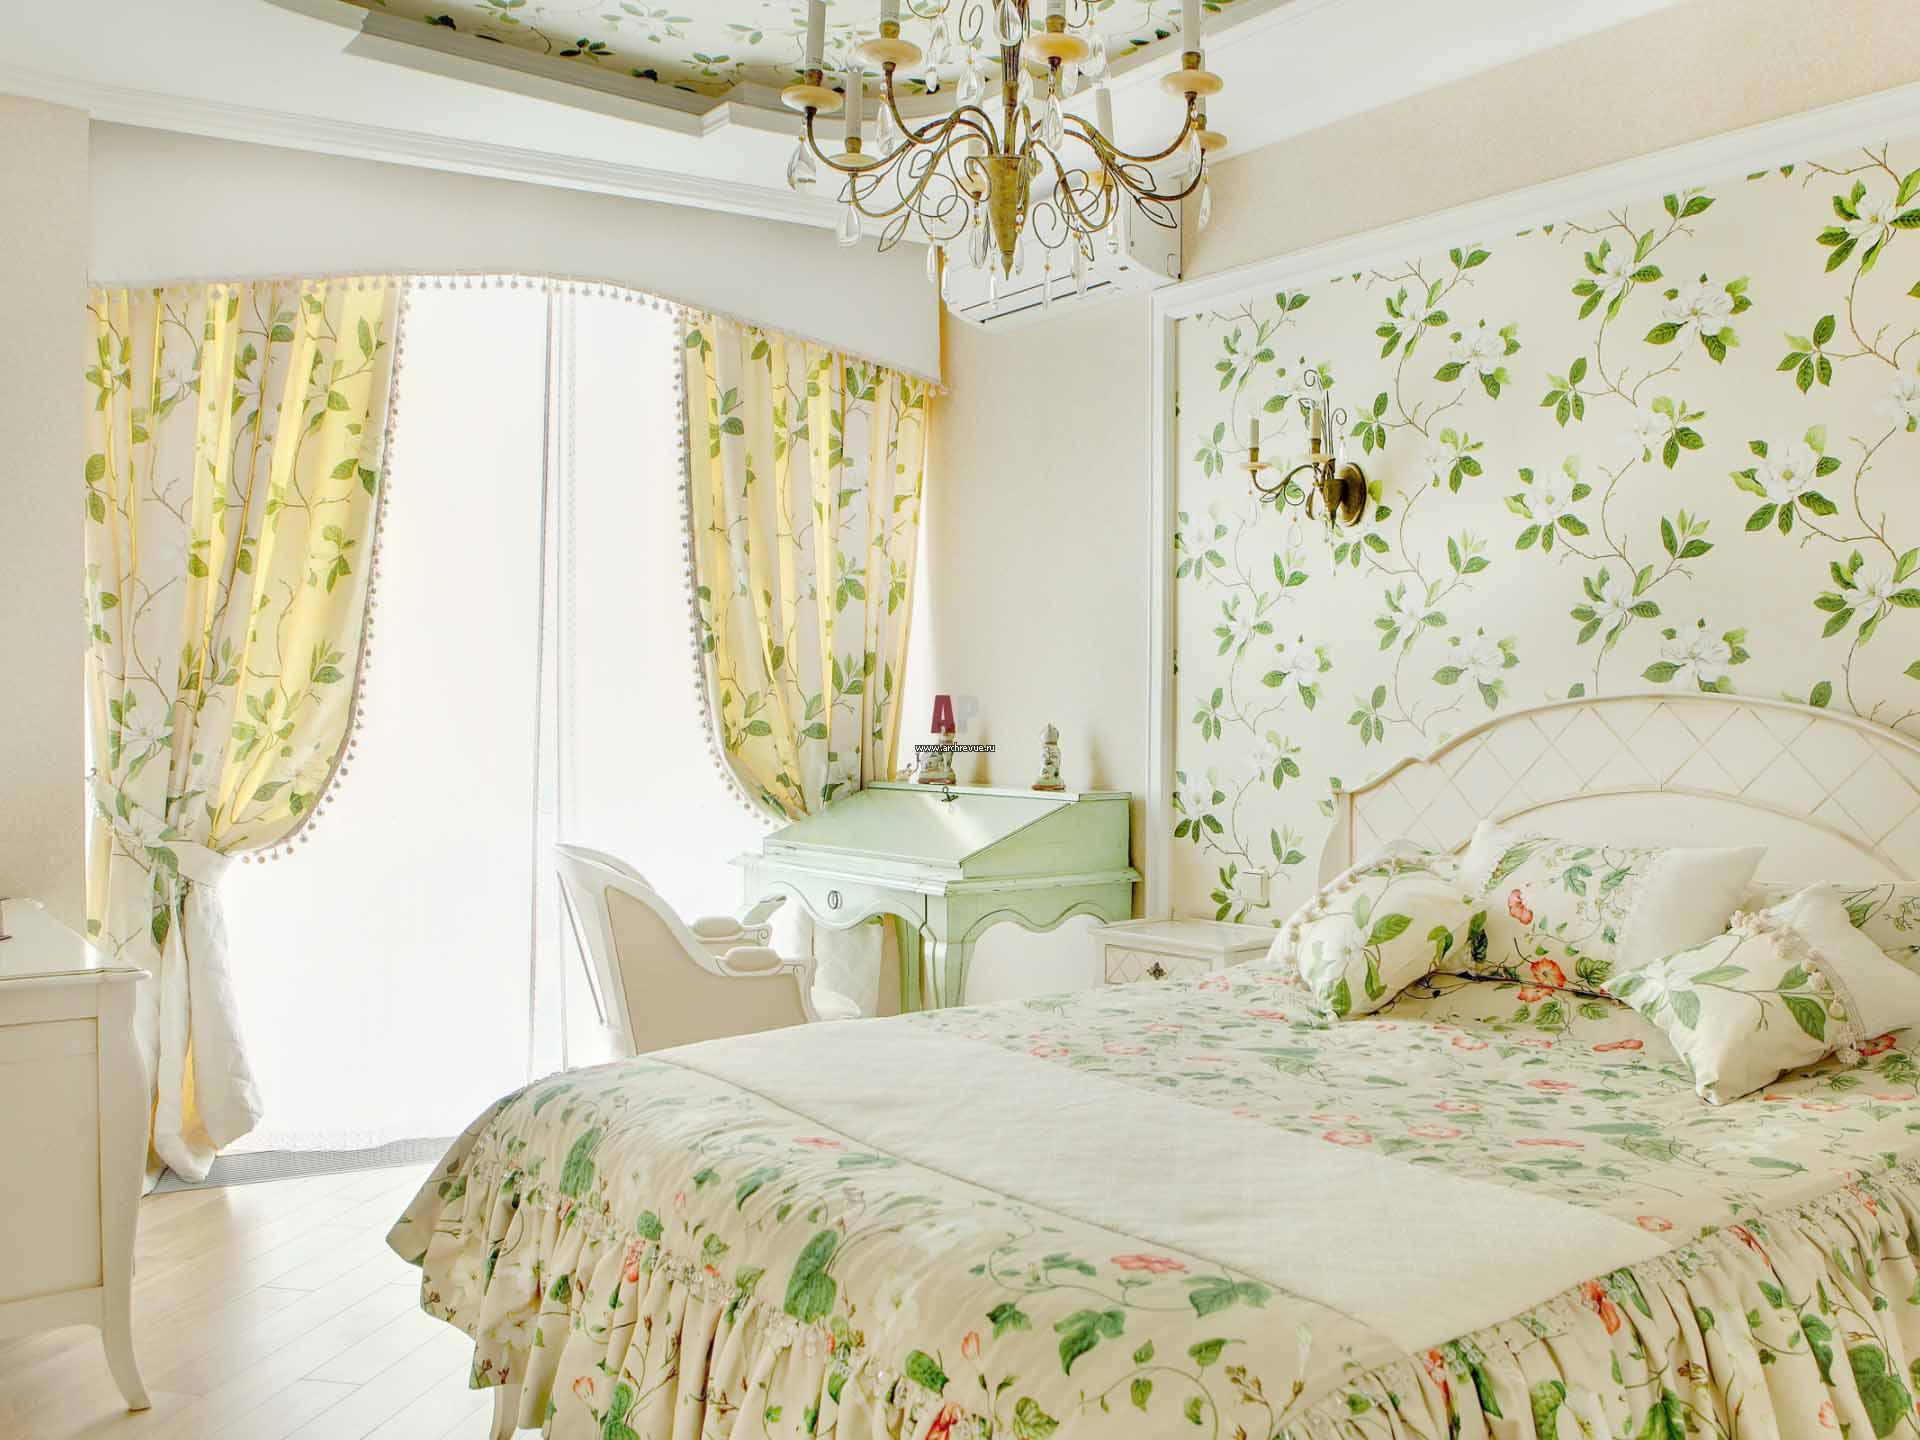 комплект из штор и покрывала для спальни идеи вариантов